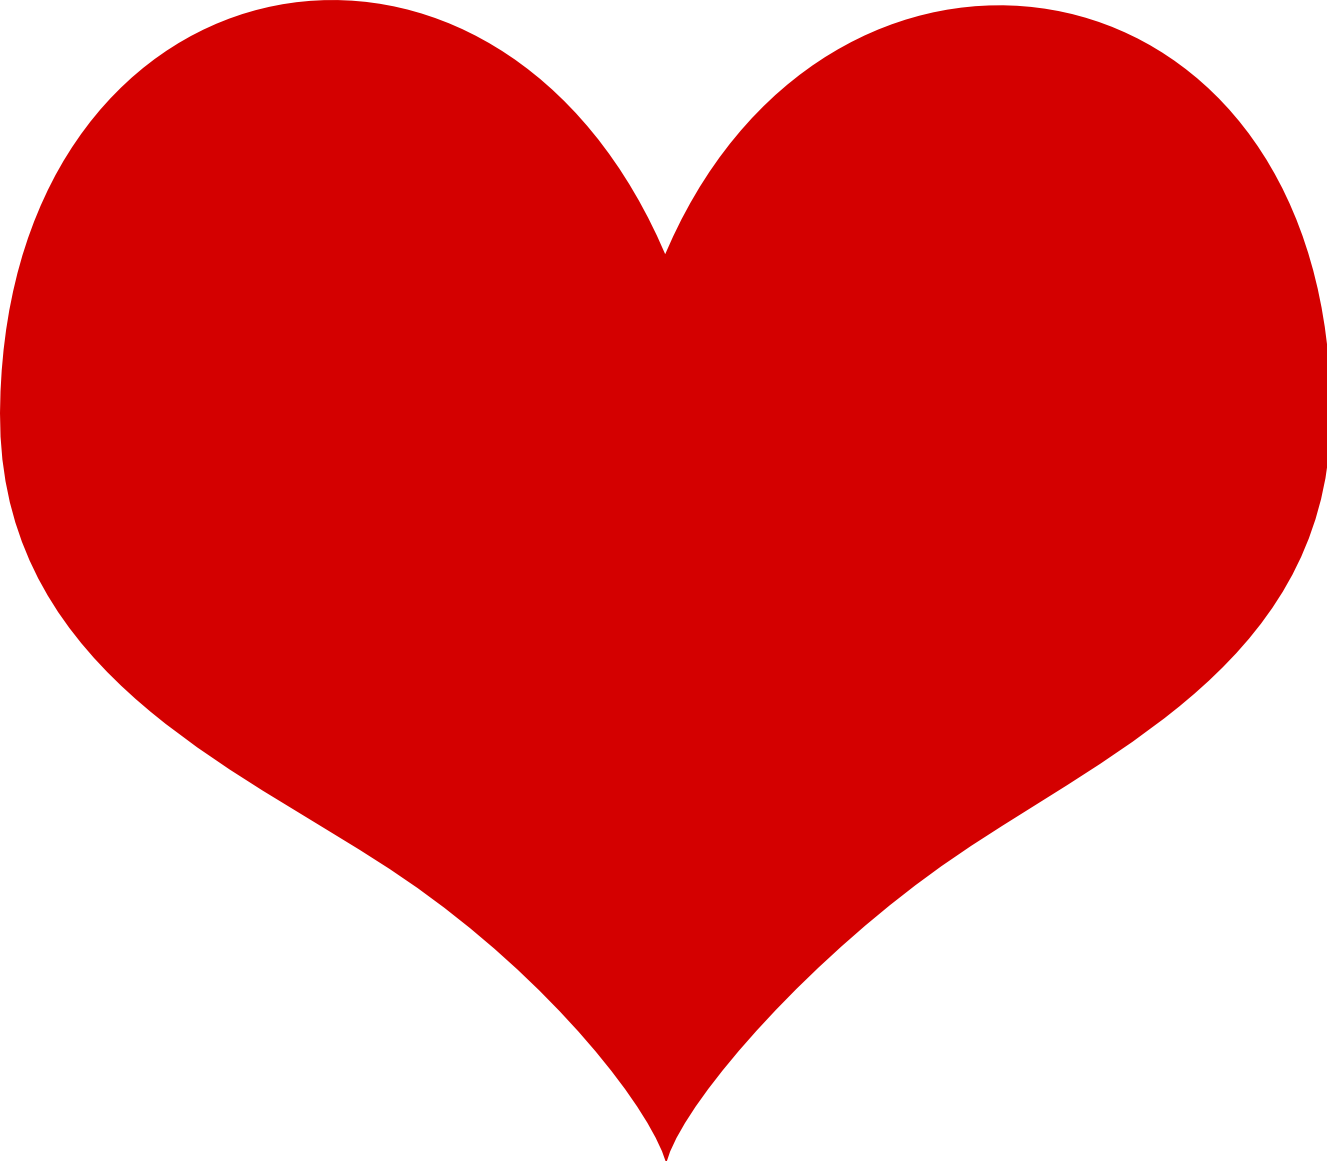 imagen de corazon - HD1327×1161